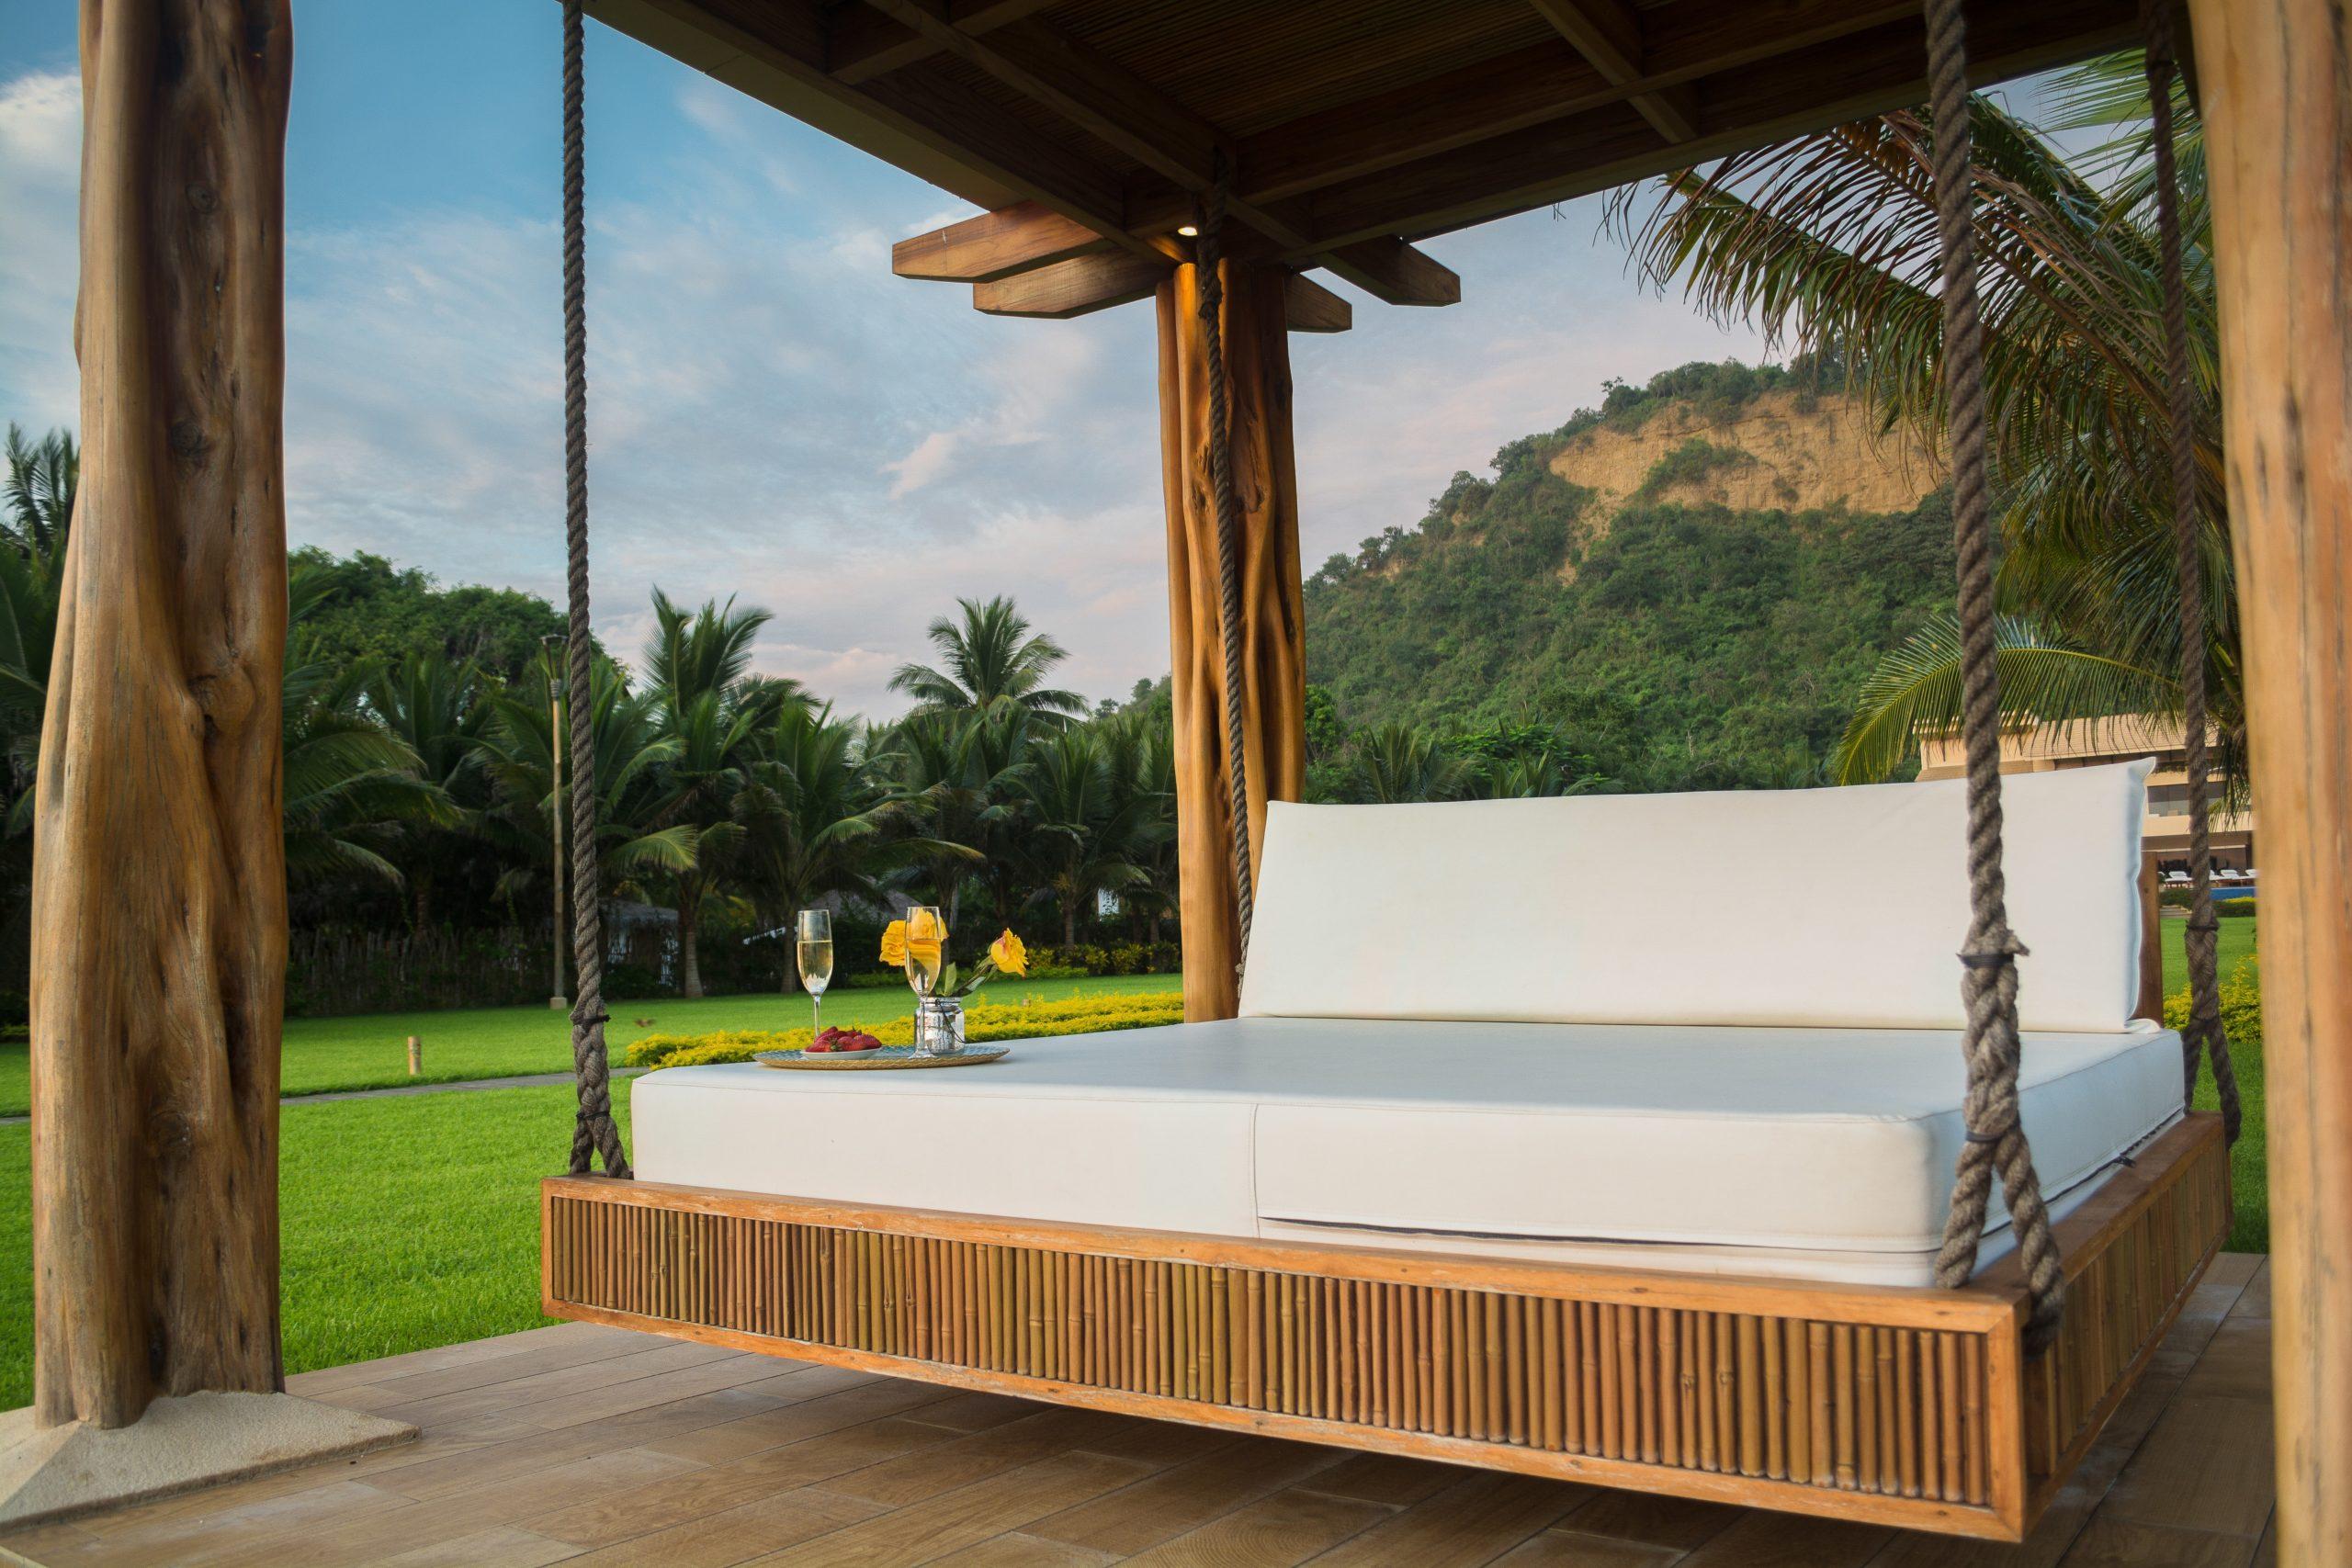 Bett m Garten mit Outdoor Matratzenschutz